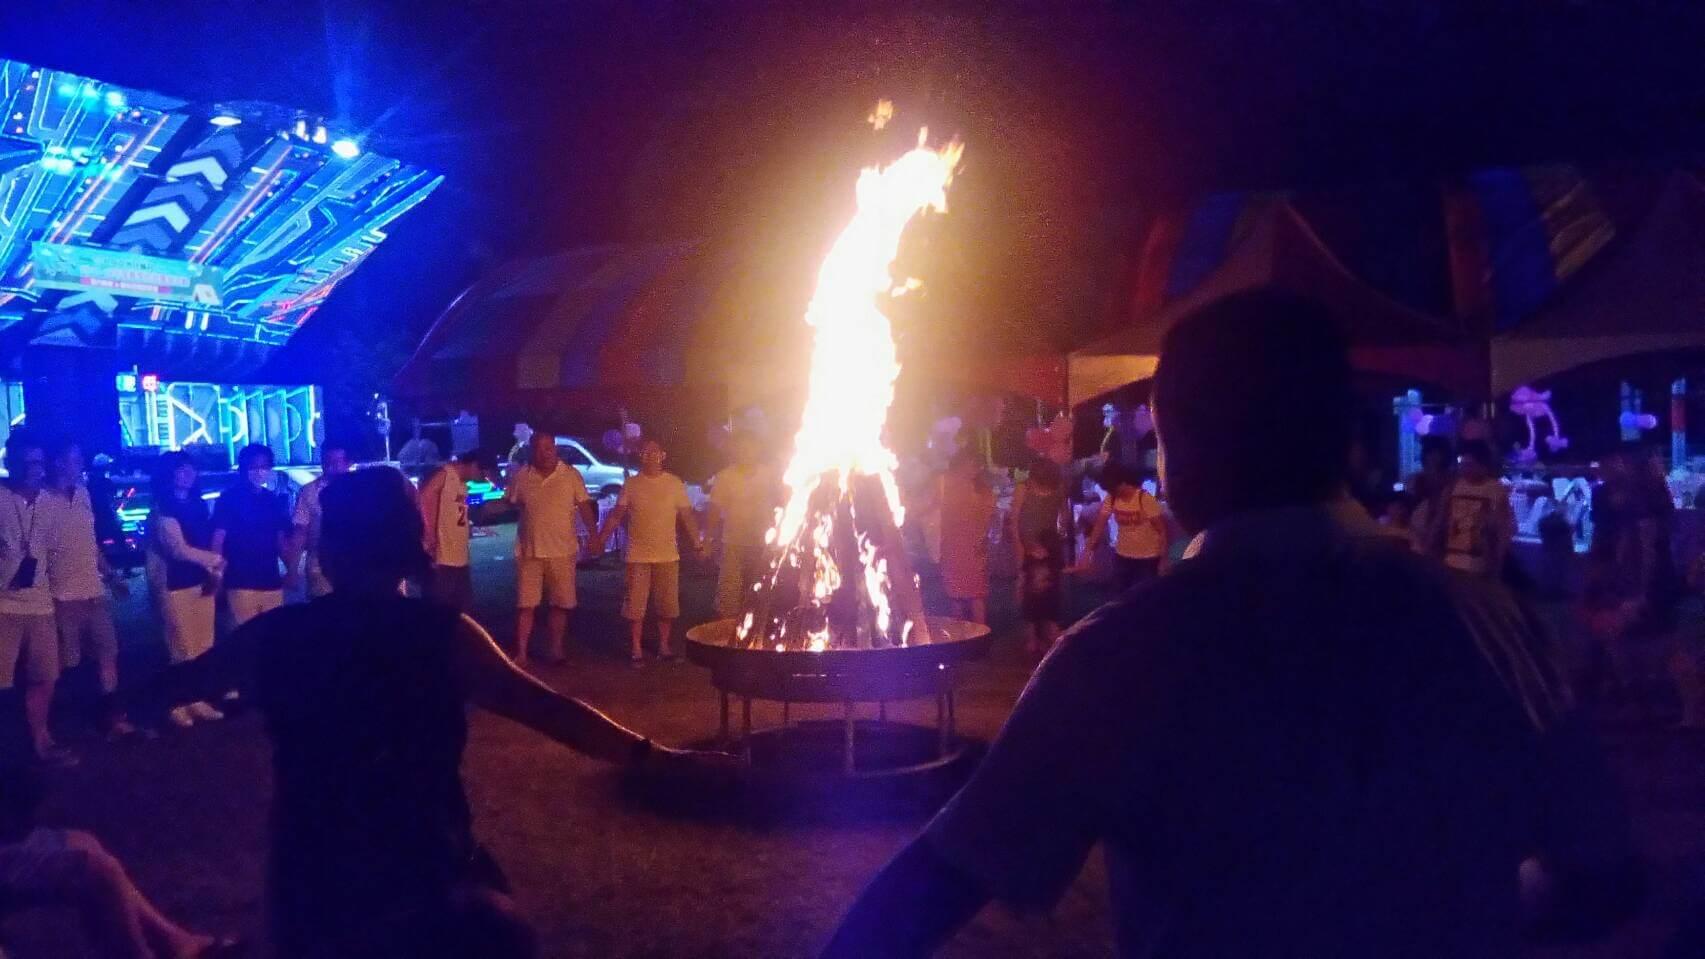 夜間營火讓露營氣氛更加分 相片來源:日月潭.梢楠園梢楠林露營民宿